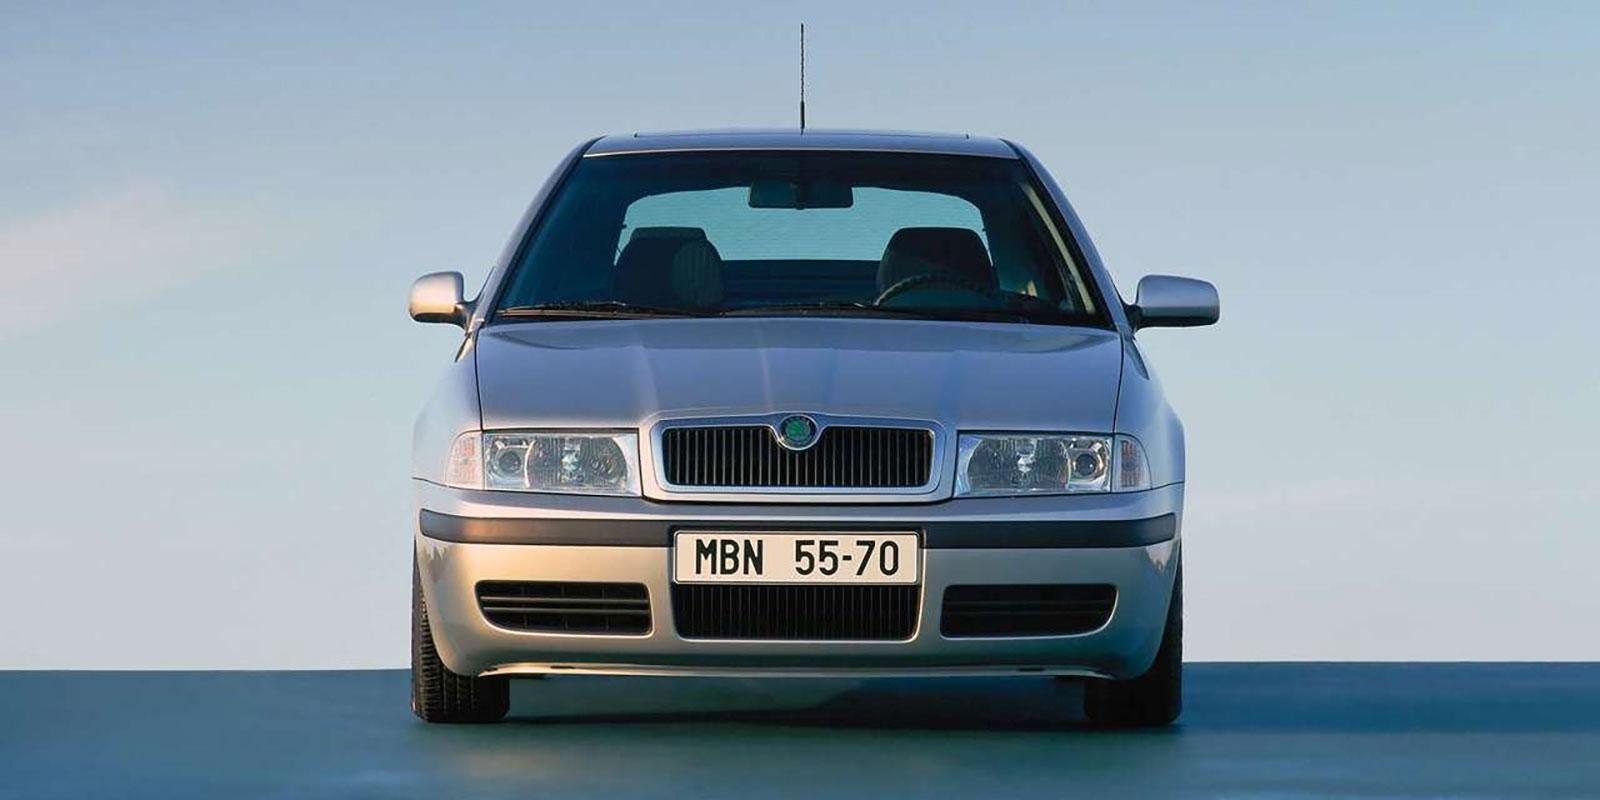 Havarijní pojištění pro starší vozy má také svůj význam. Jak ho sjednat tak, aby se vyplatilo?